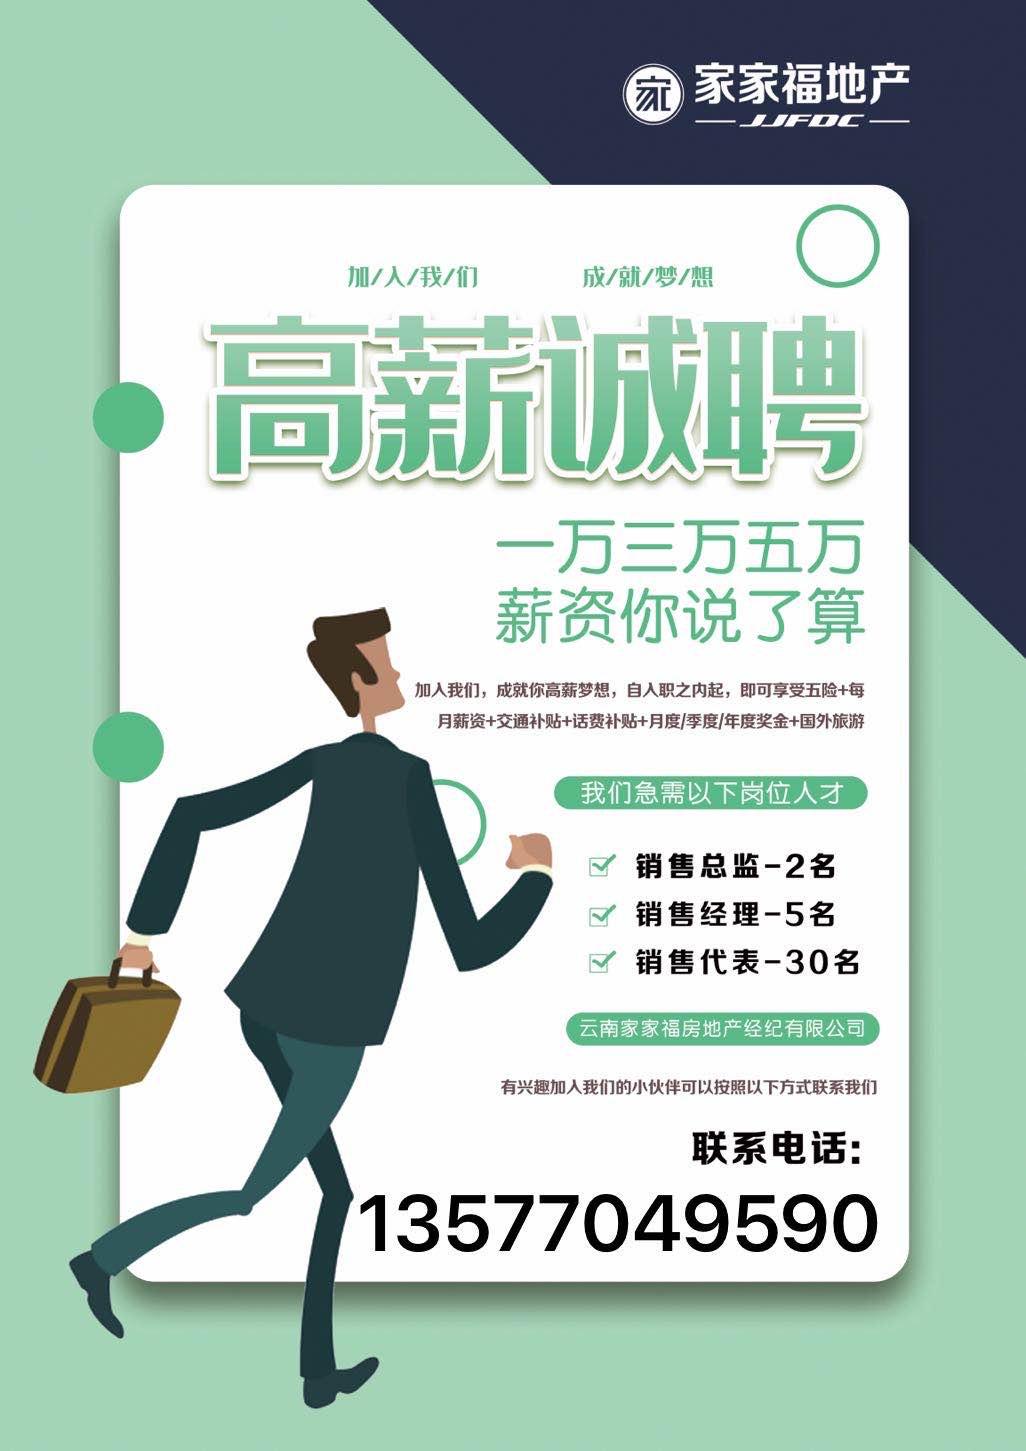 云南家家福房地产经济有限公司_昆明招聘网